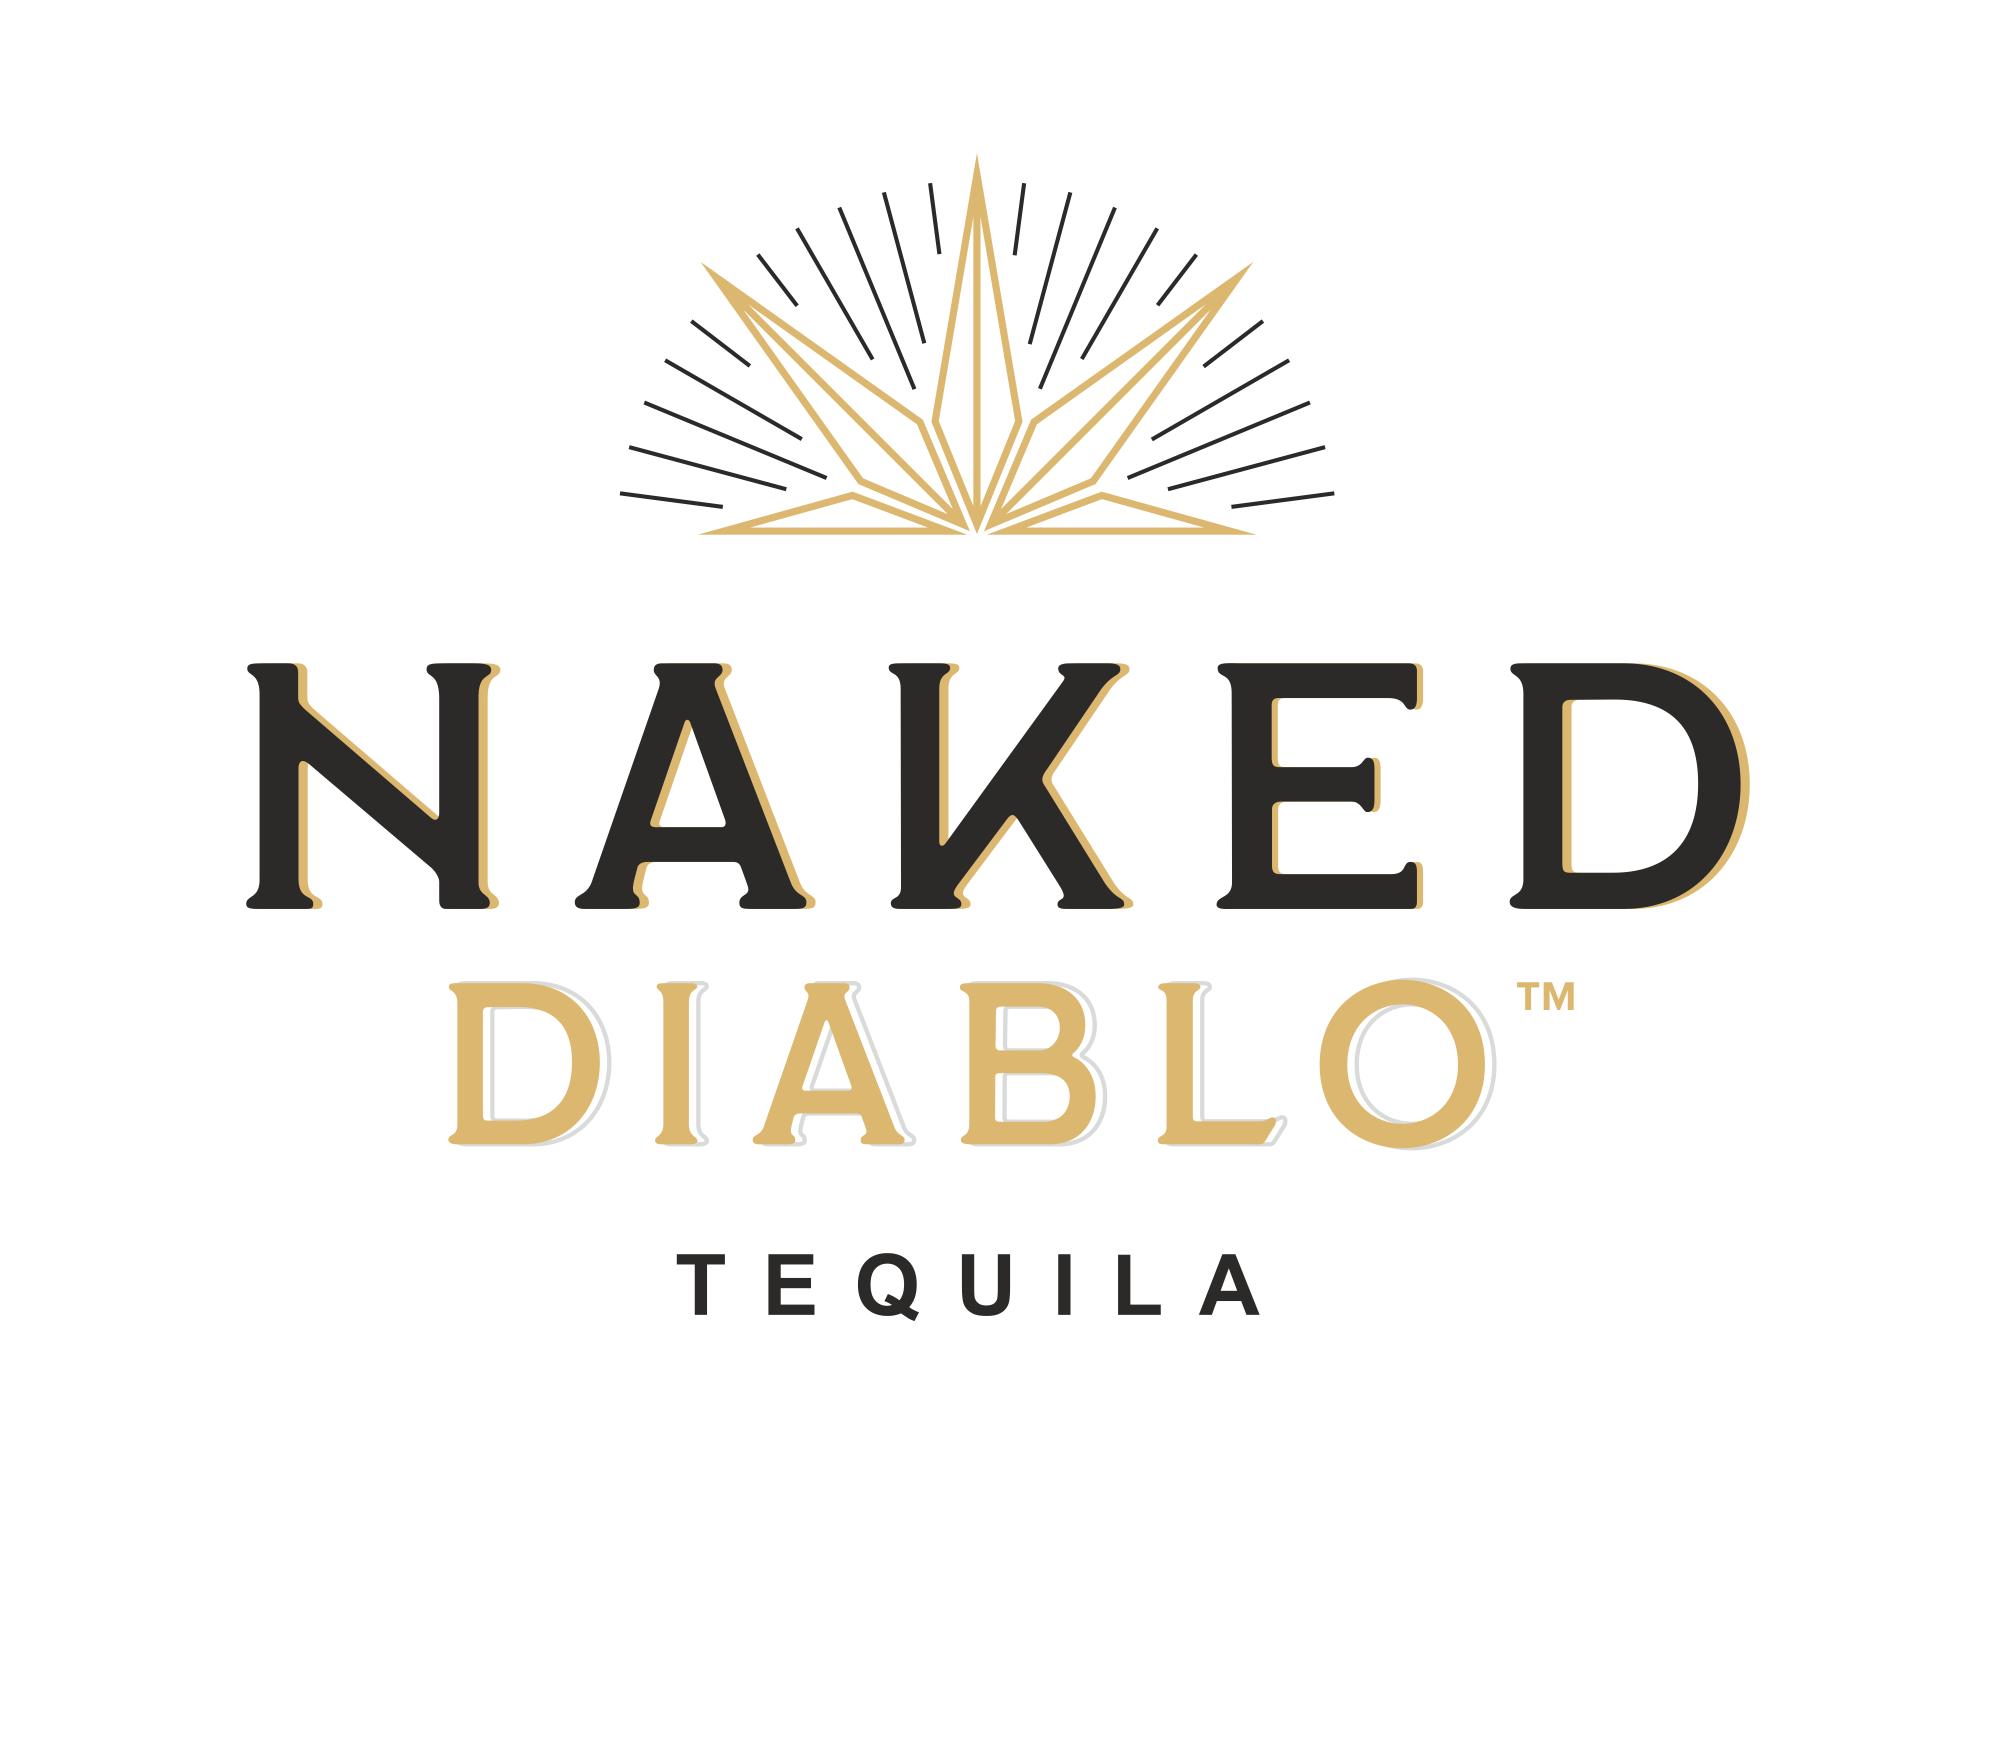 Naked Diablo